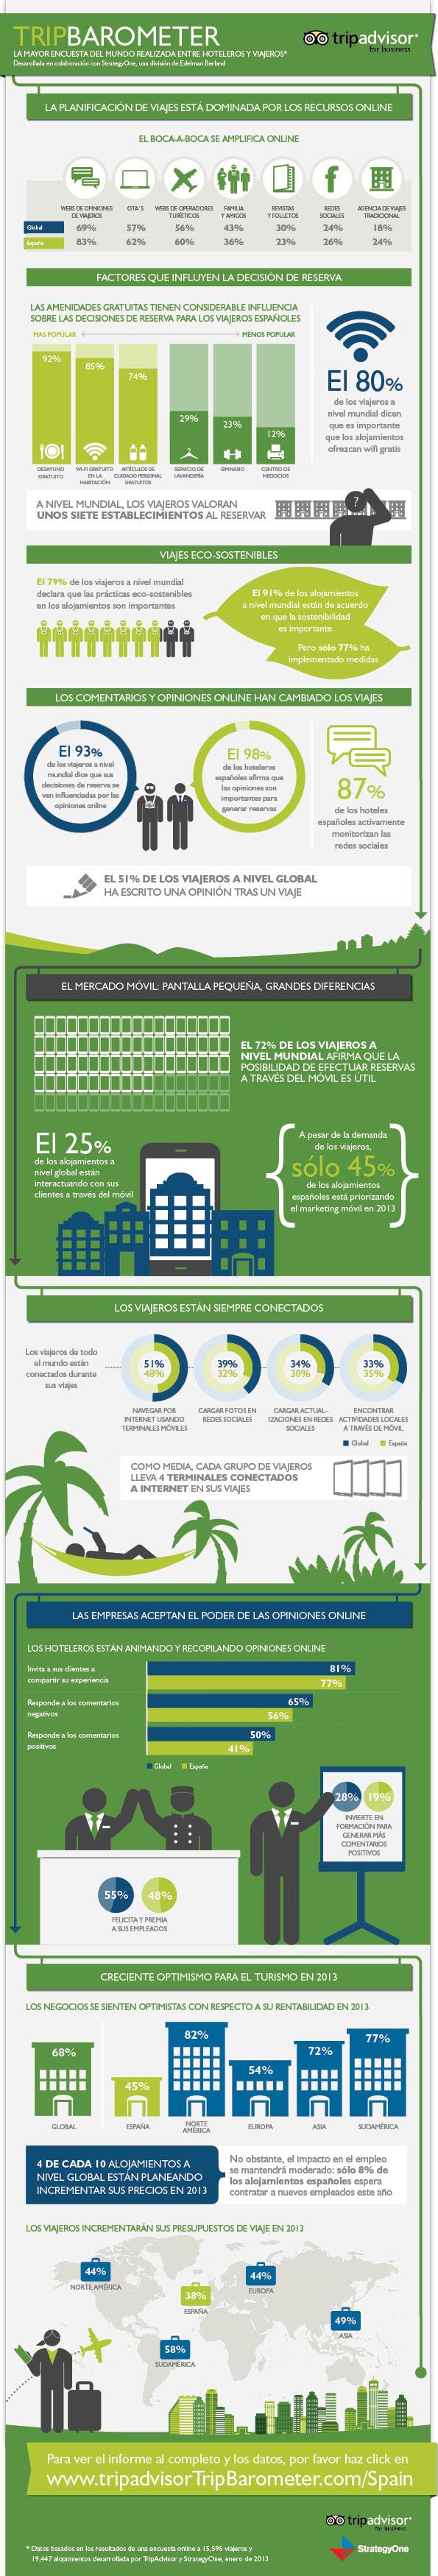 Encuesta sobre viajeros y alojamientos 2013